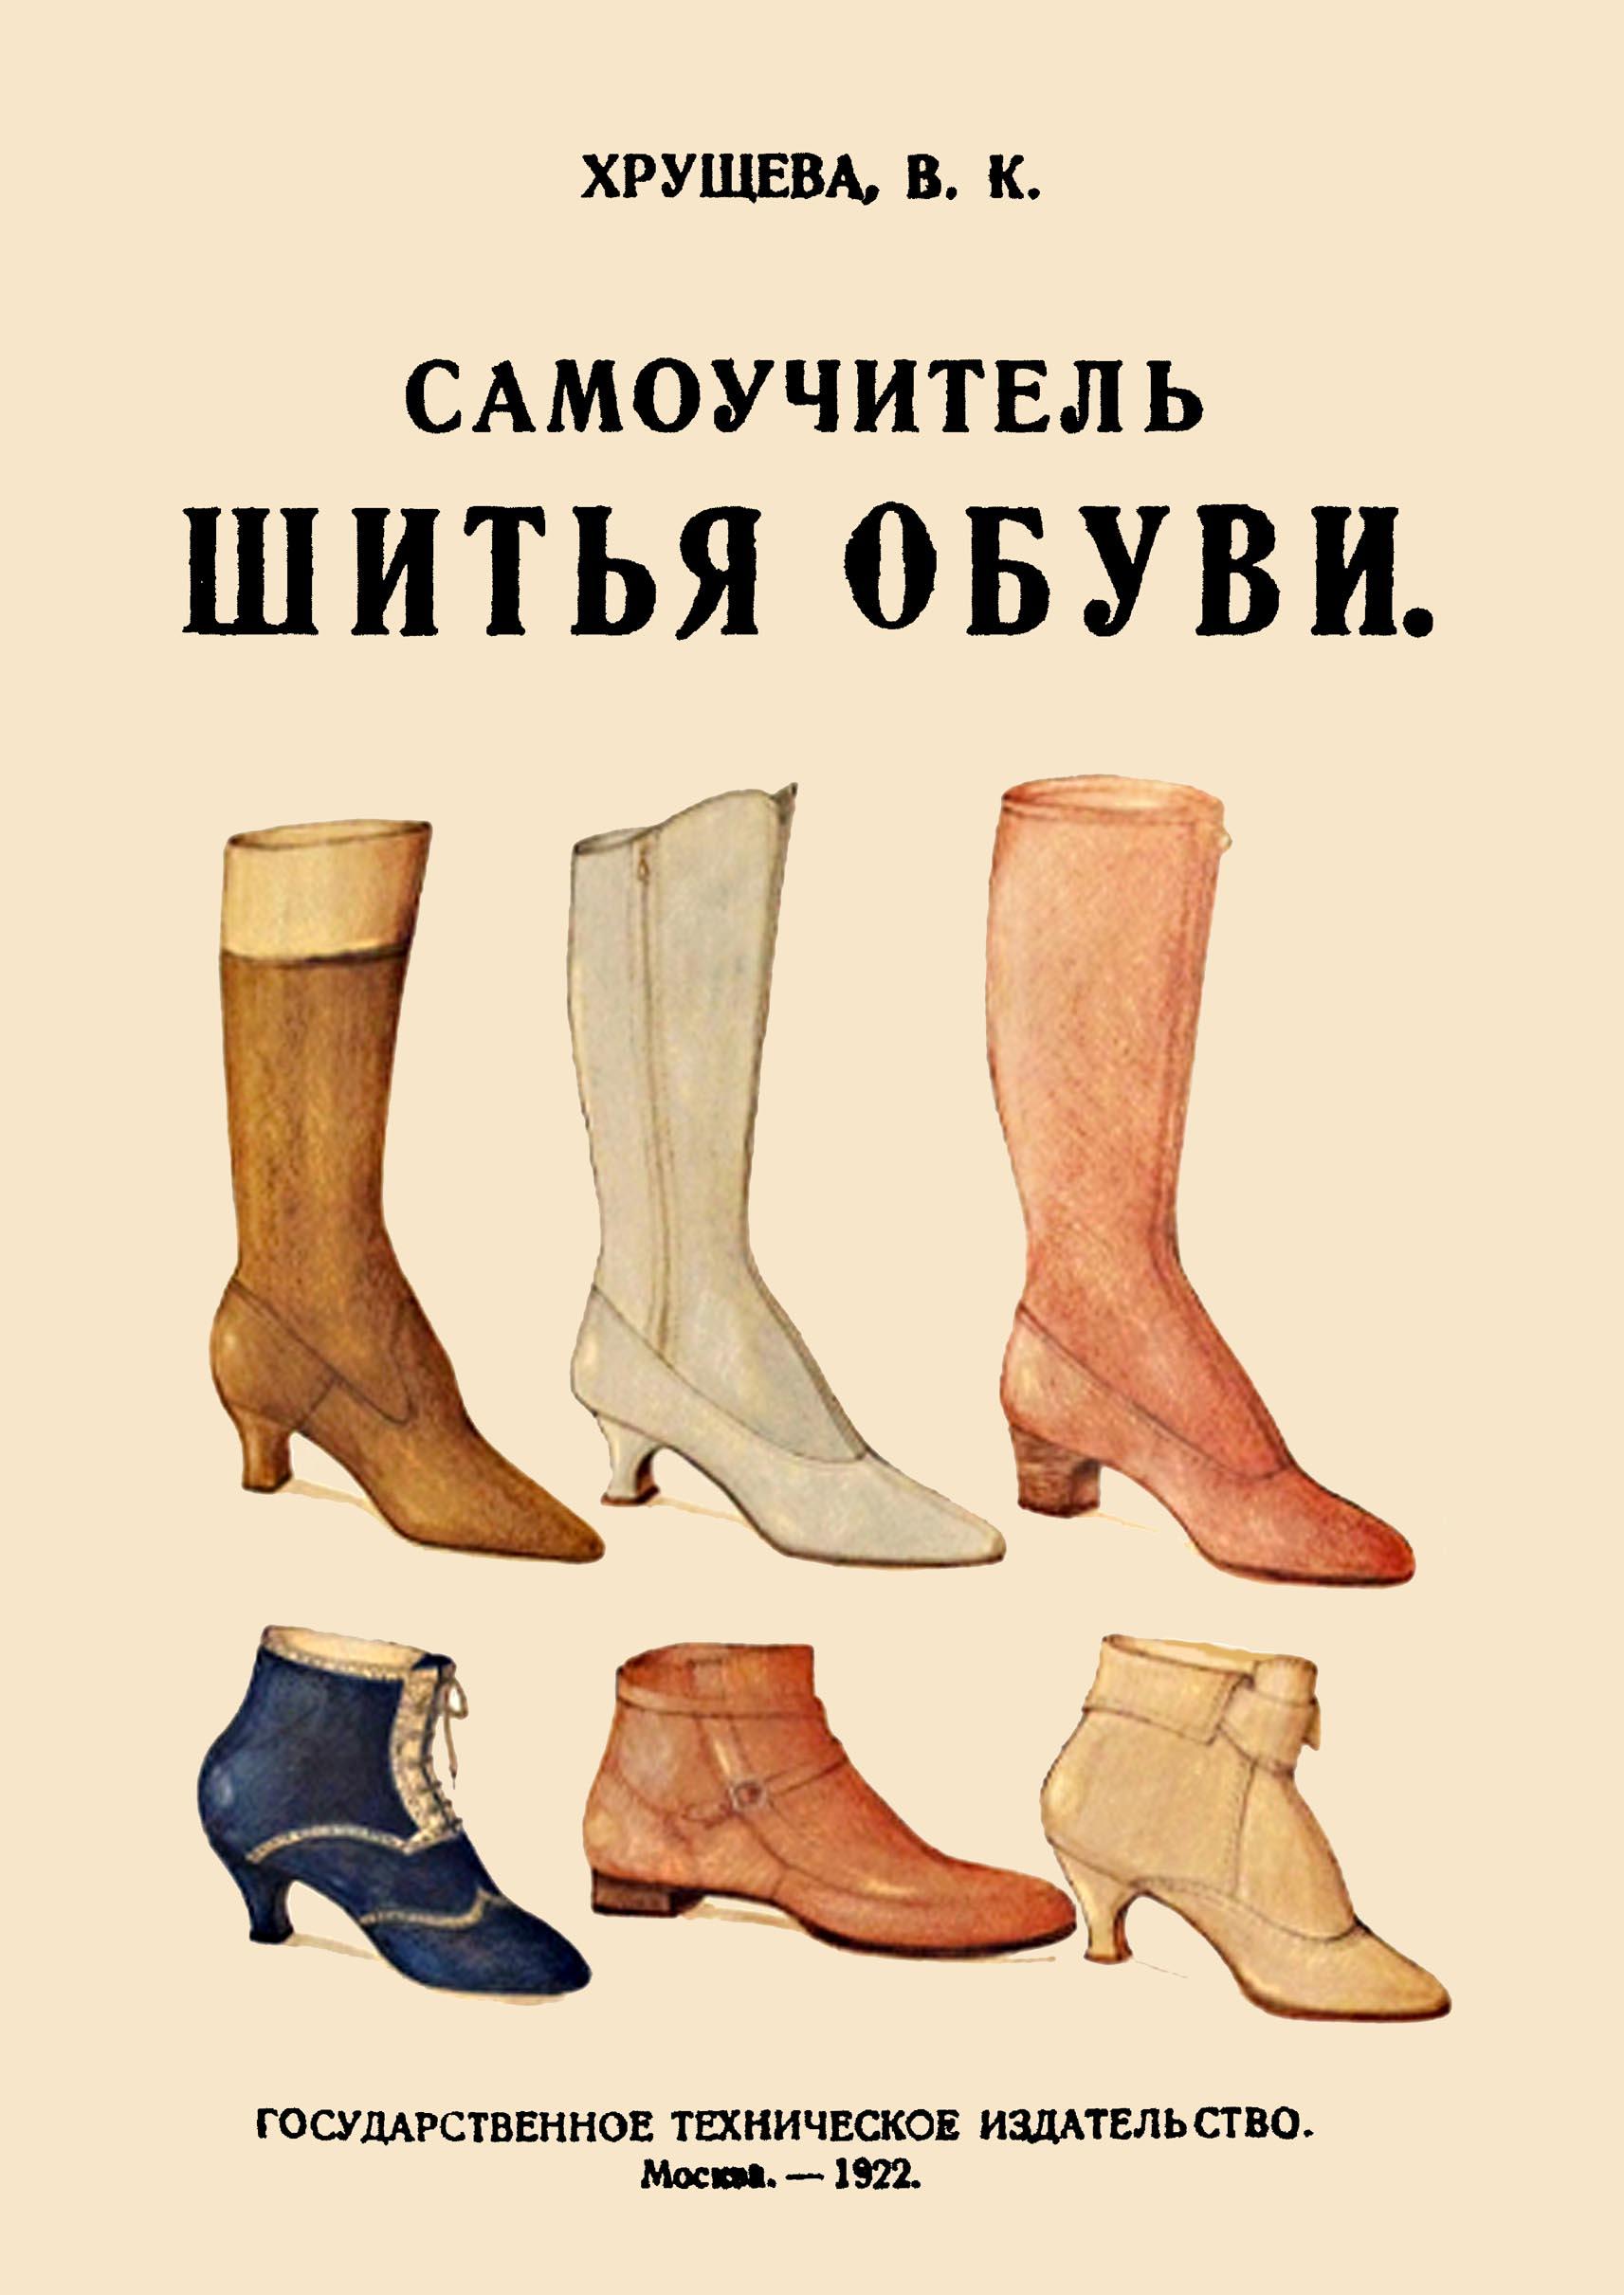 Хрущева В. К. Самоучитель шитья обуви маленькие машинки для шитья москва